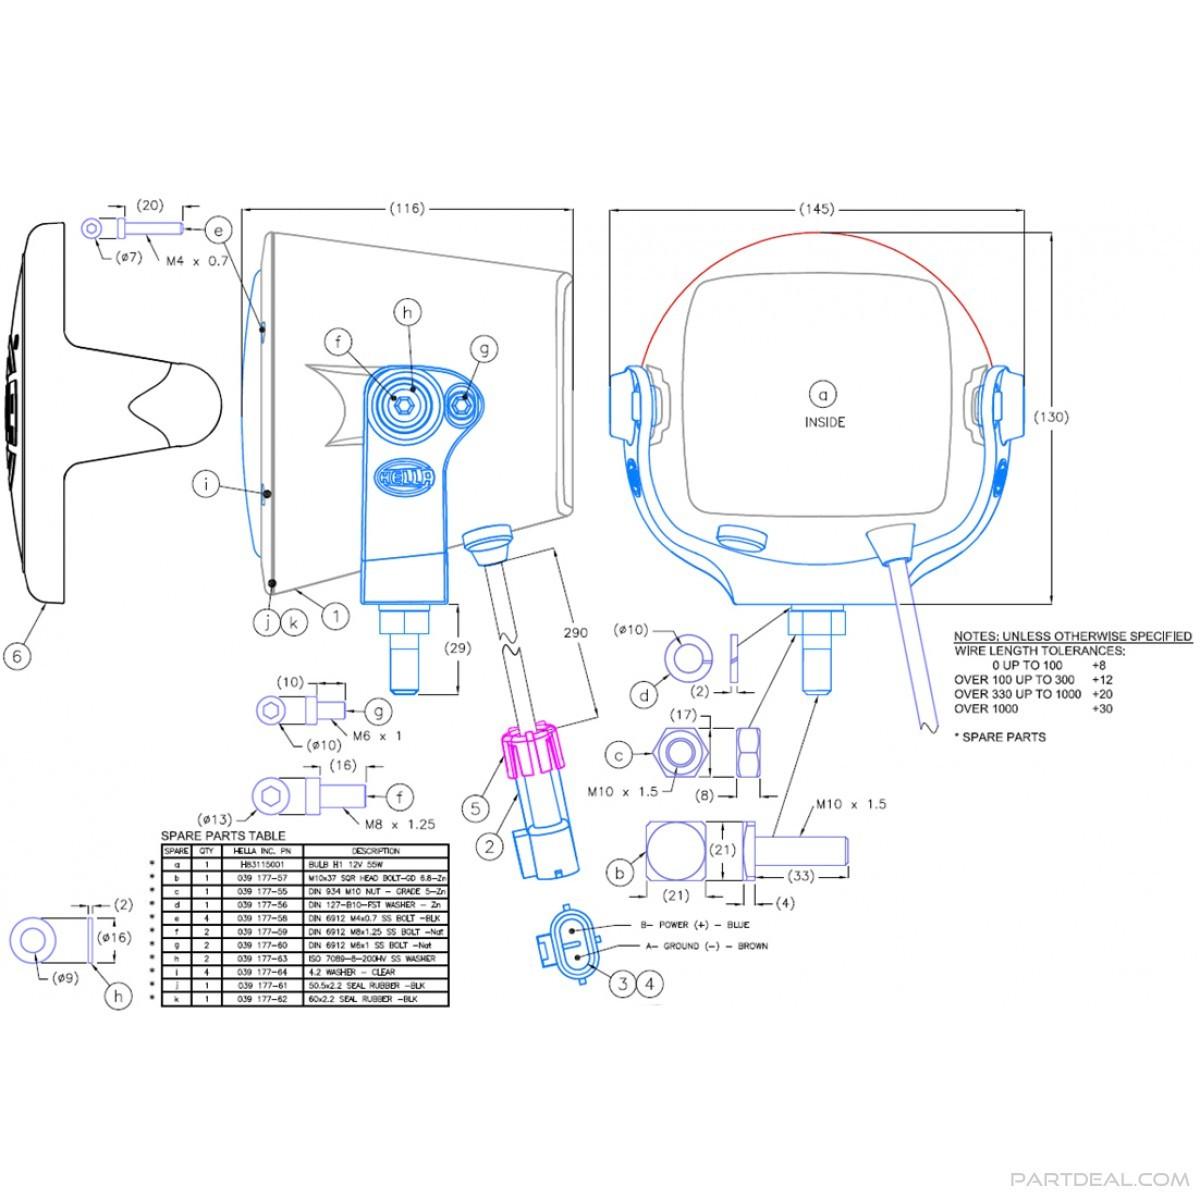 hight resolution of hella hid wiring diagram online wiring diagramhella hid wiring diagram 12 5 artatec automobile de